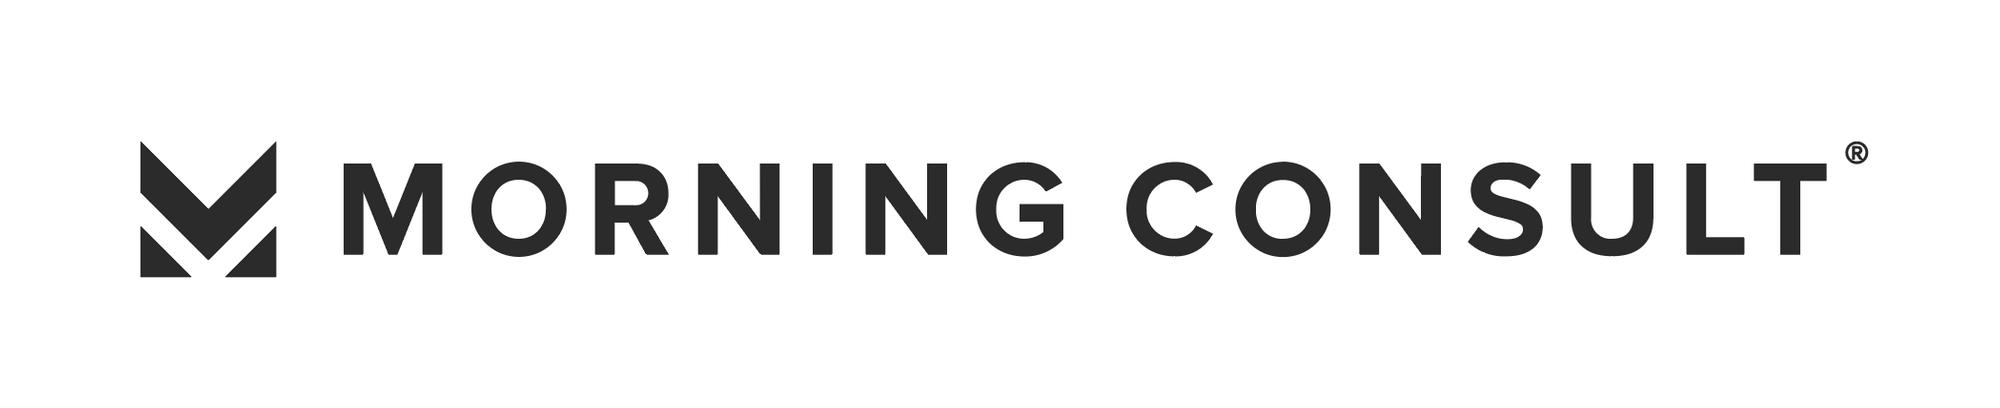 morning-consult-logo1